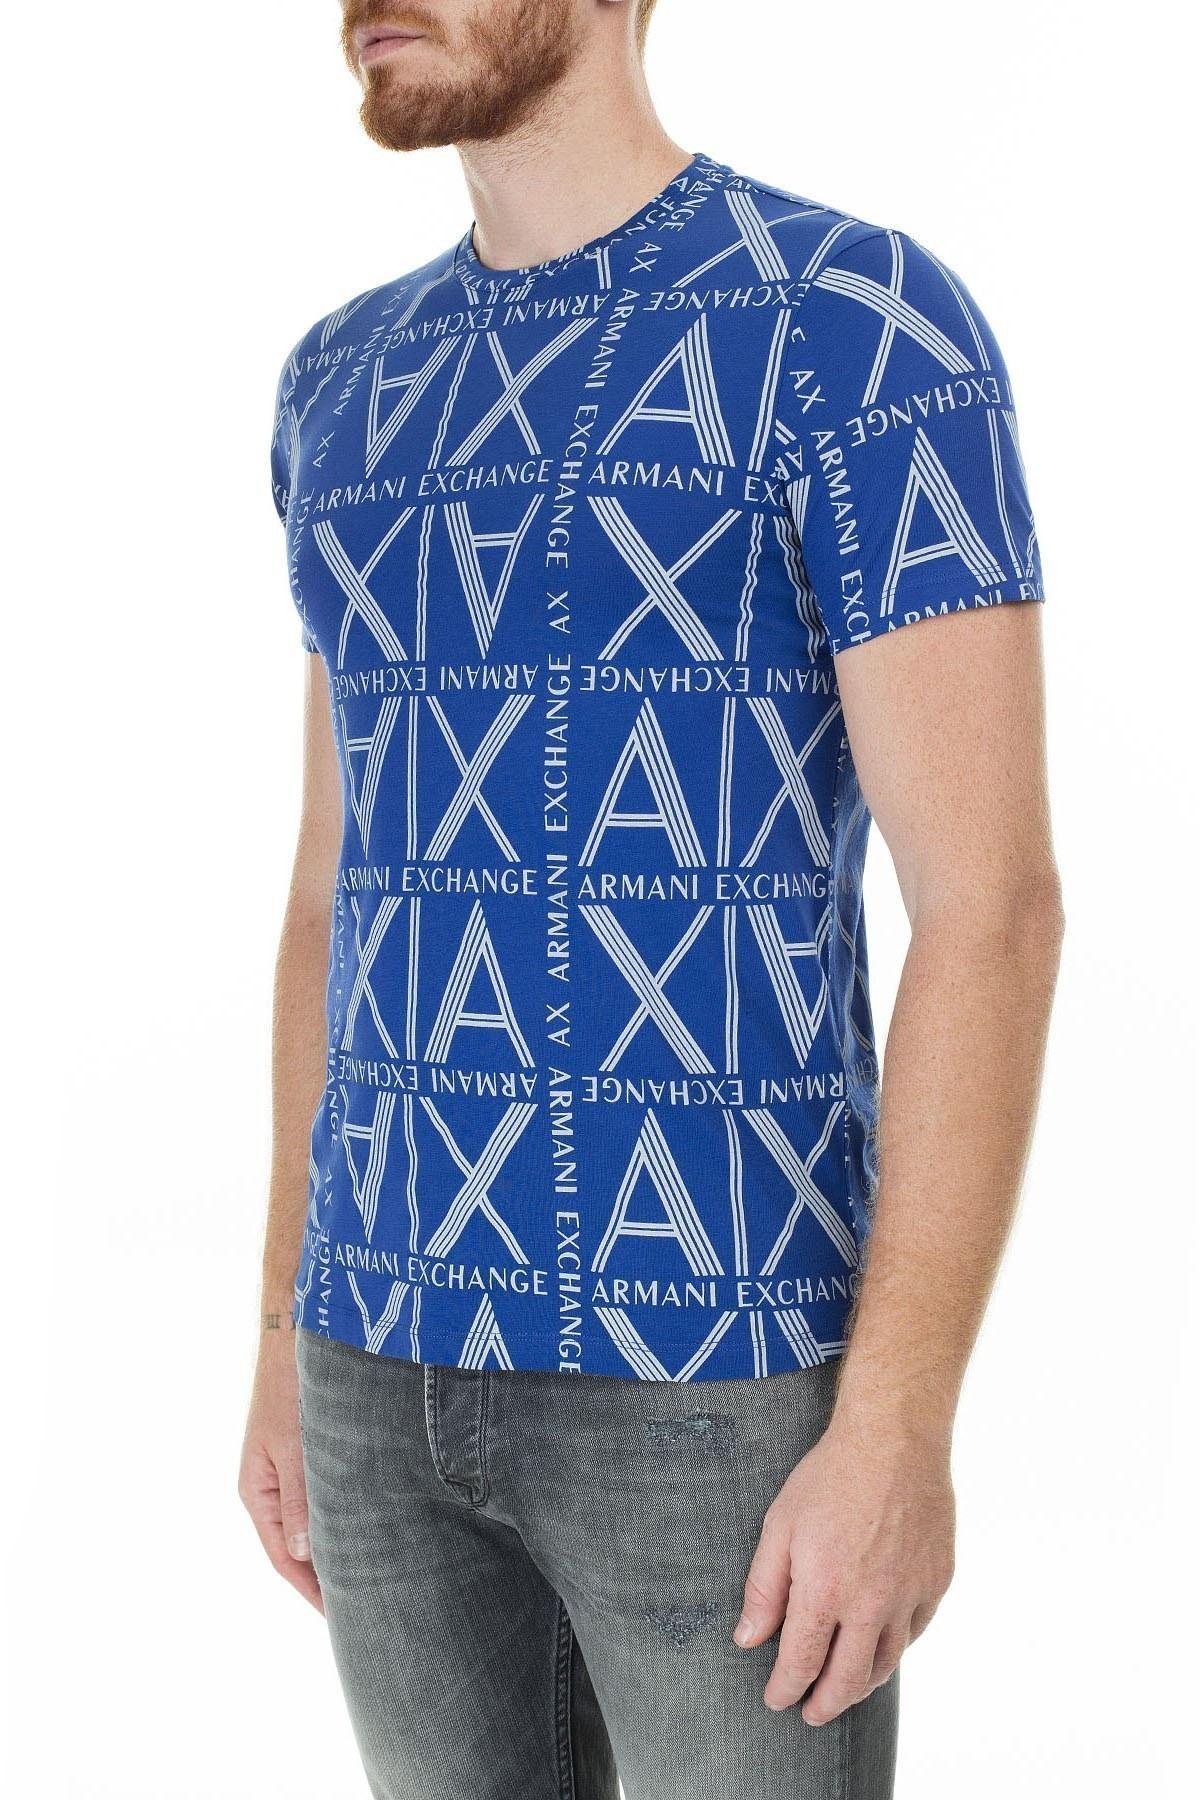 Armani Exchange Logo Baskılı % 100 Pamuk Bisiklet Yaka Erkek T Shirt 3HZTGC ZJH4Z 9503 SAKS